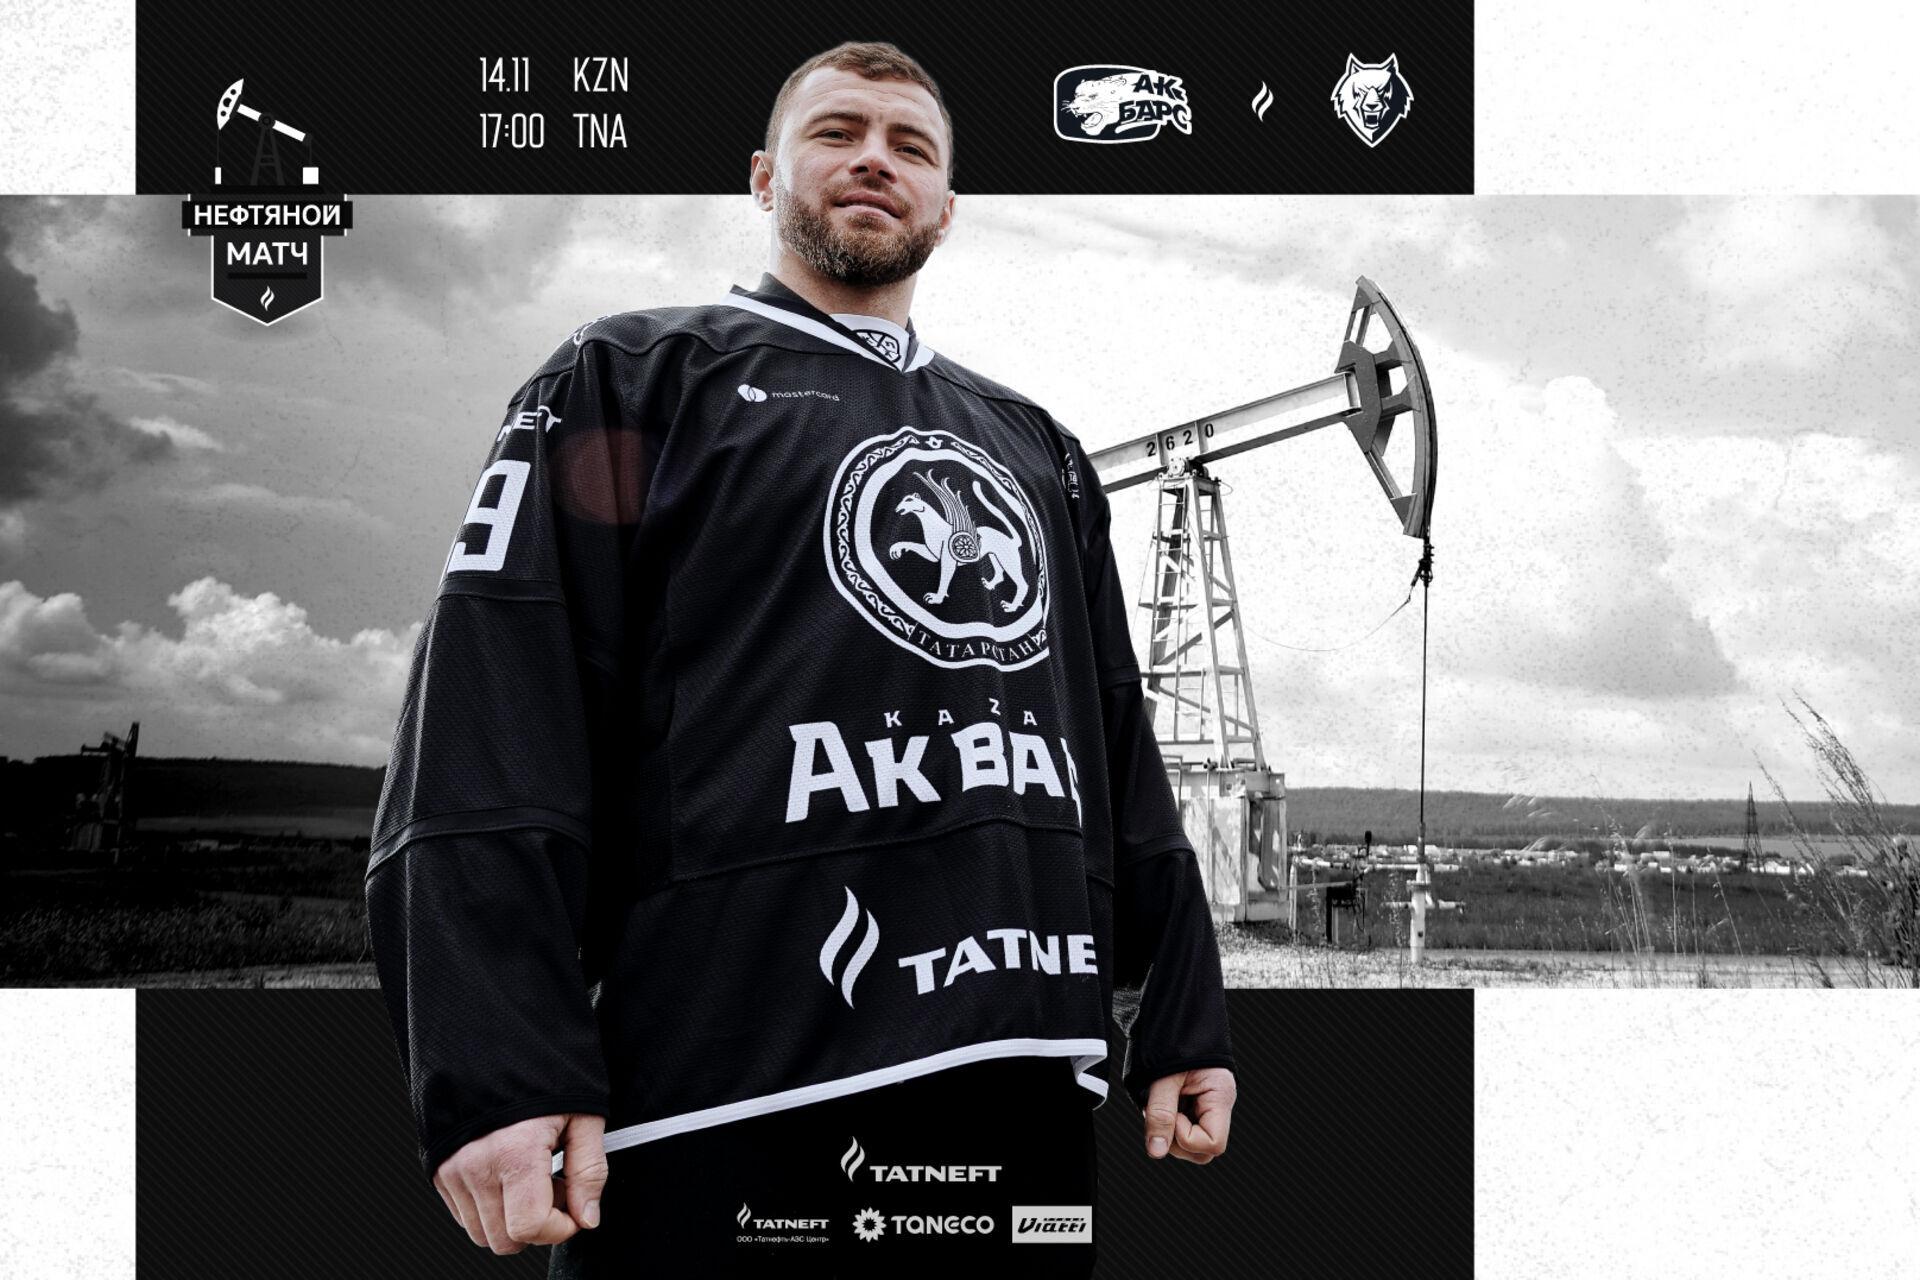 «Ак Барс» – «Нефтехимик». День матча. 14.11.2020